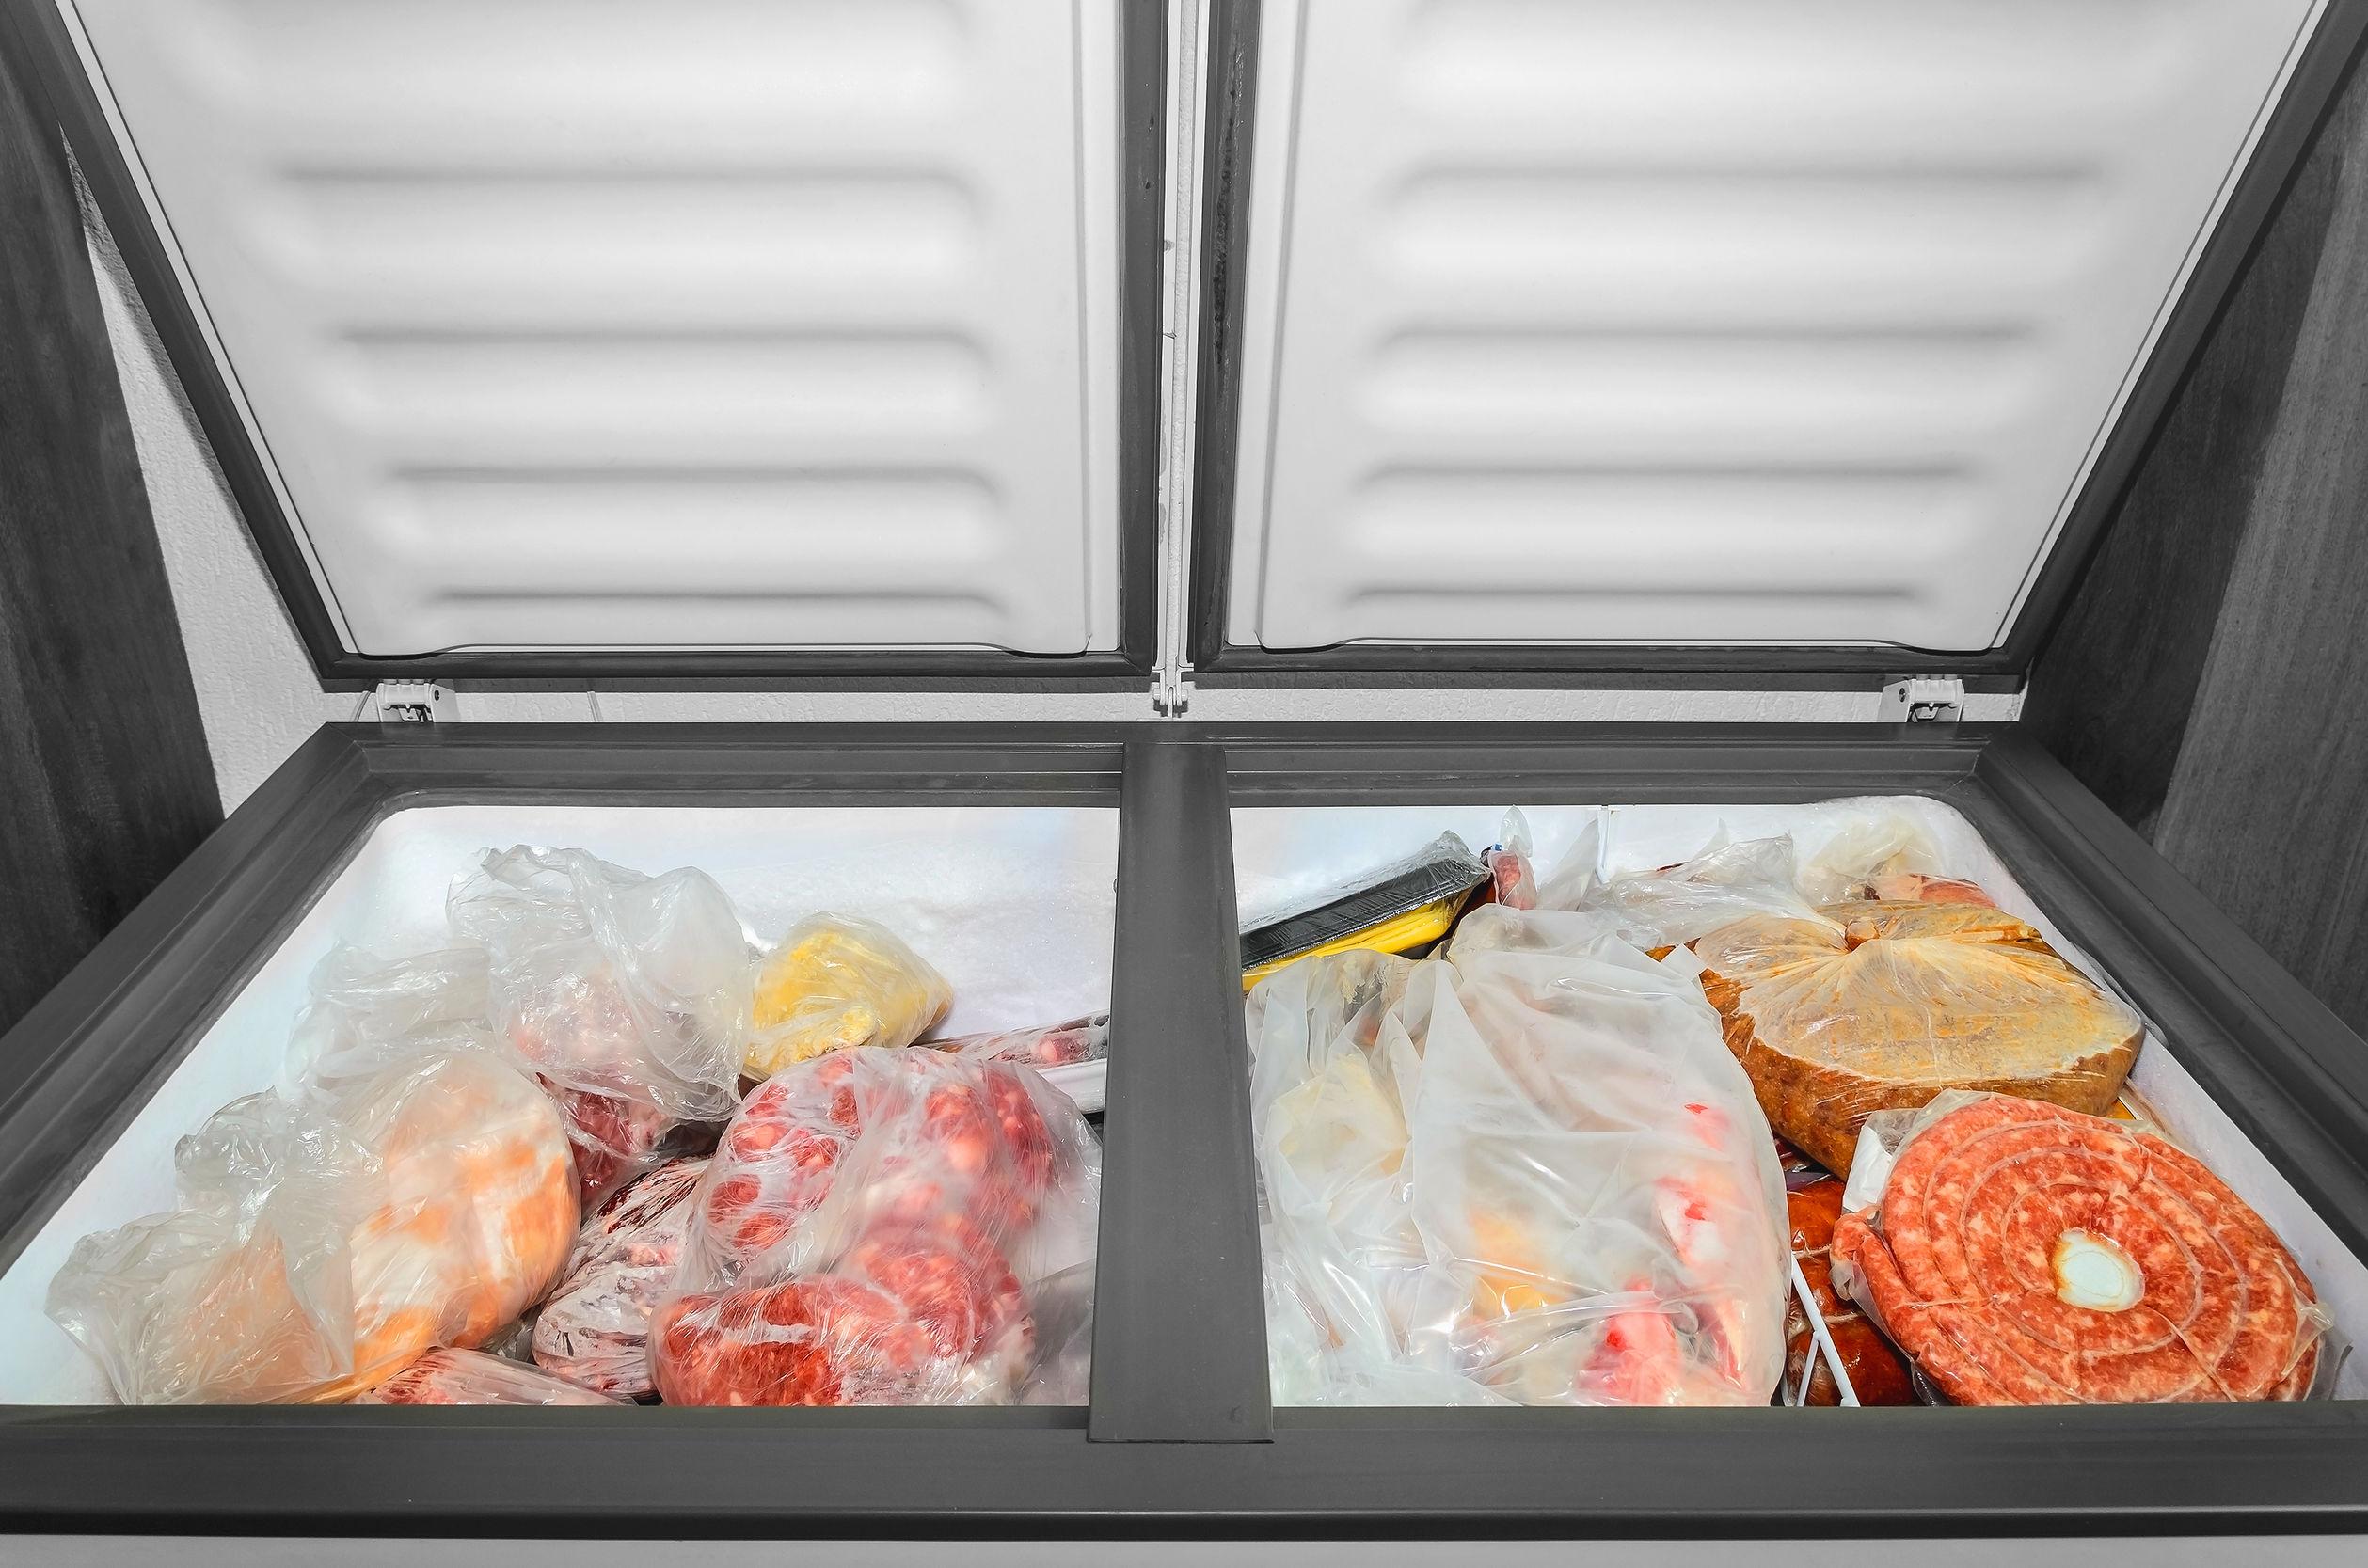 congelador abierto